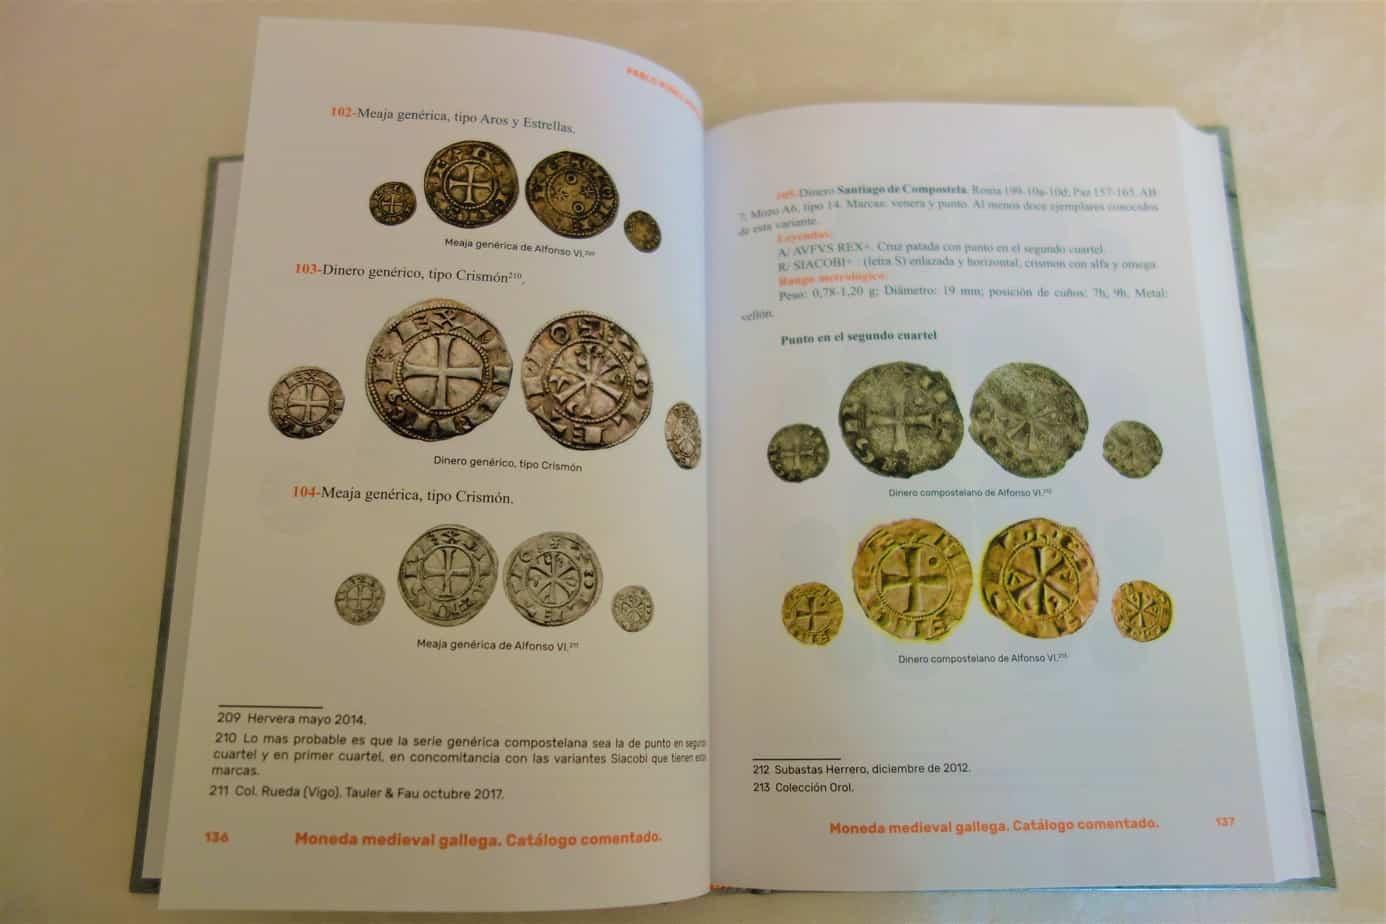 Pàginas 136-137 de catàlogo